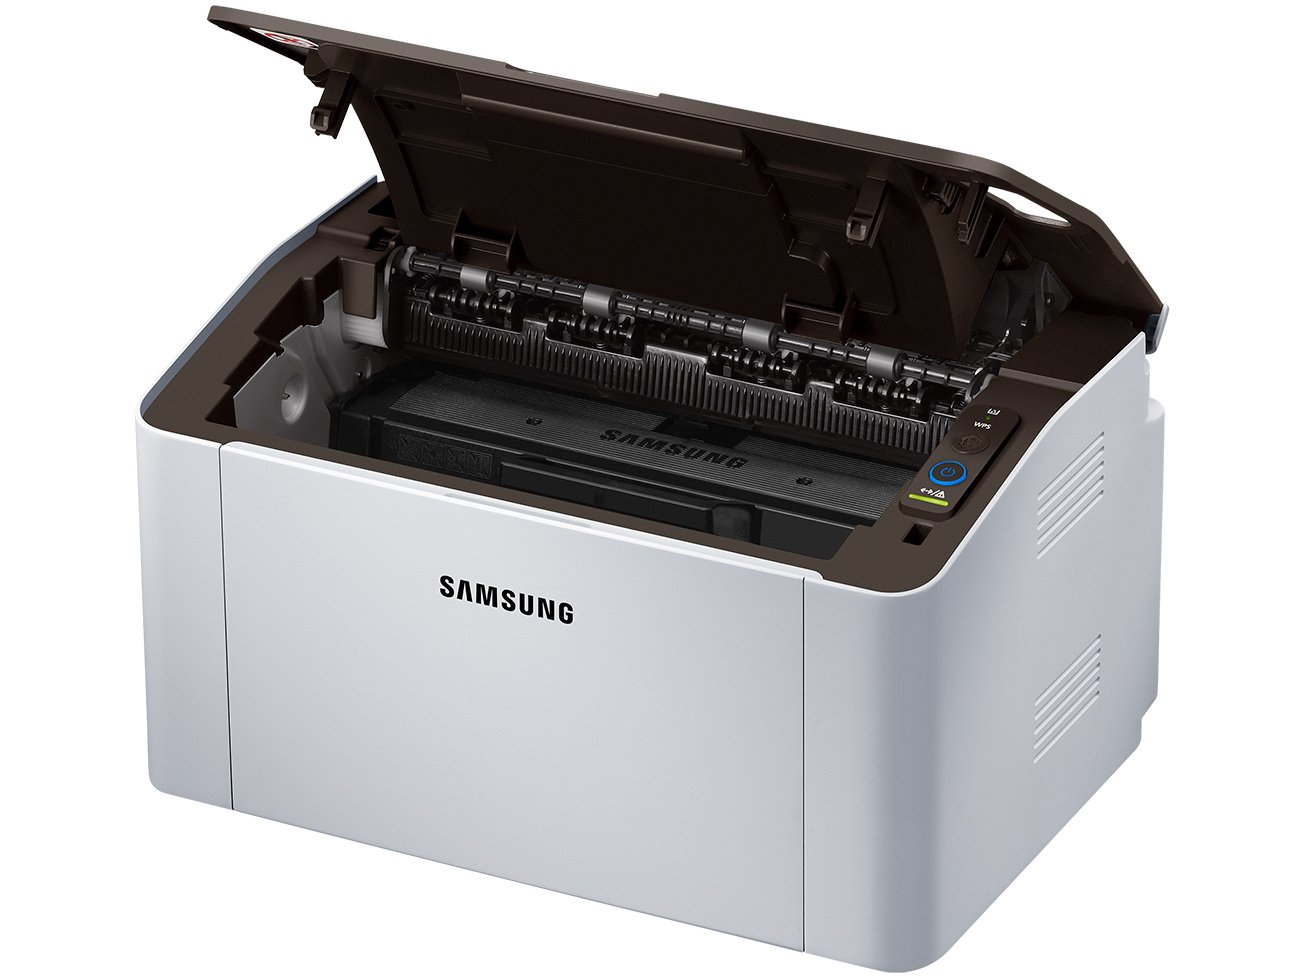 Foto 7 - Impressora Samsung Xpress SL-M2020W Laser - Wi-Fi USB NFC